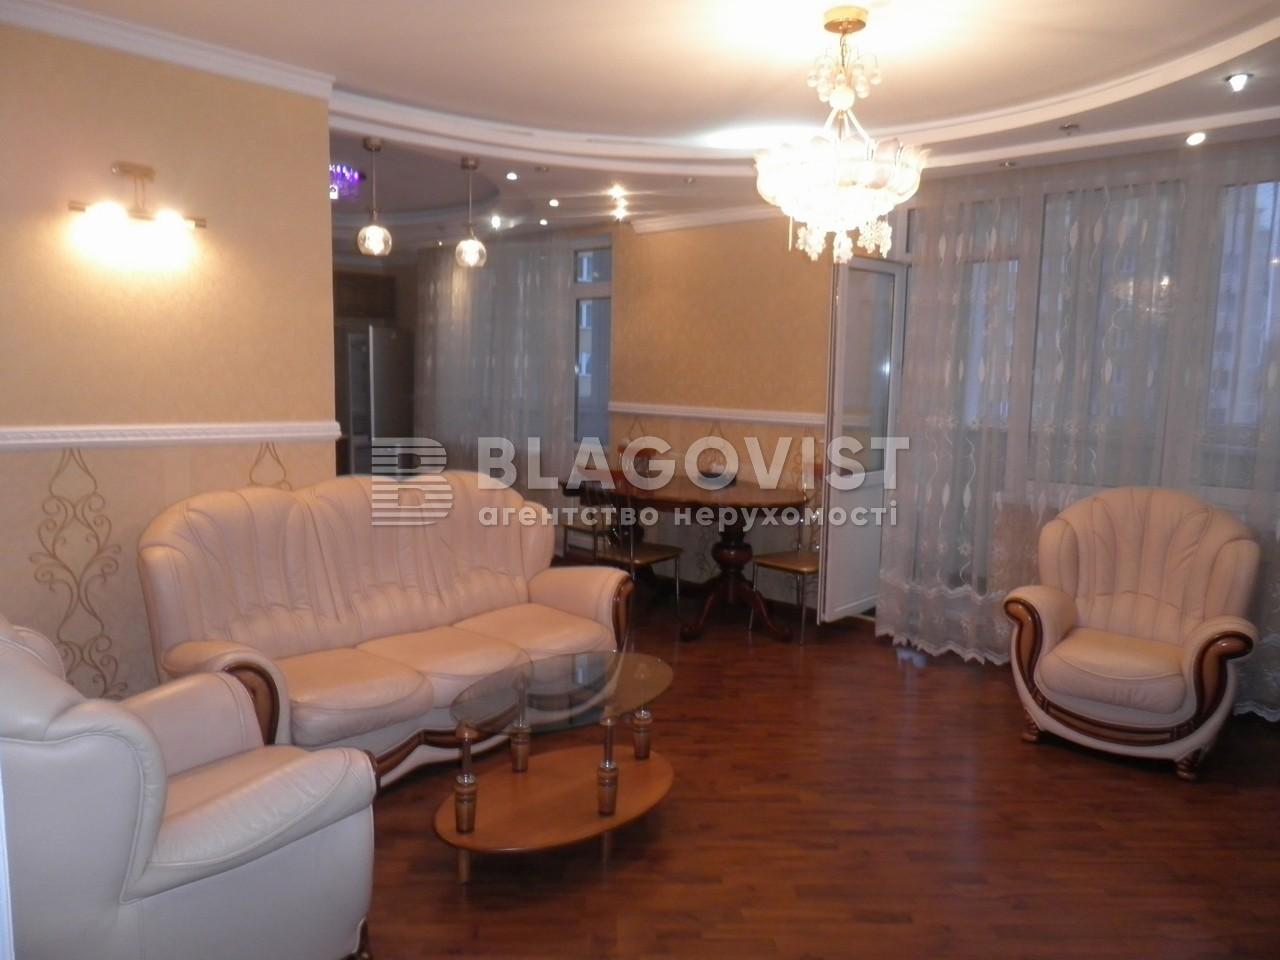 Квартира F-16359, Днепровская наб., 19в, Киев - Фото 8